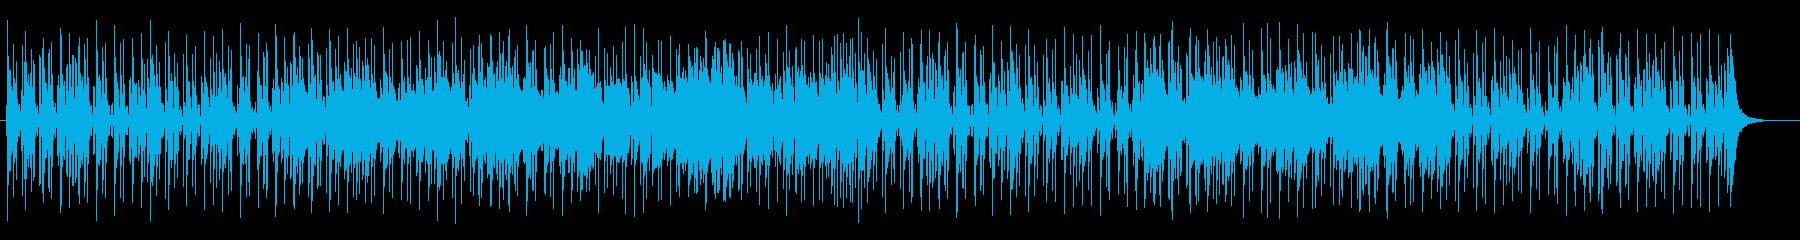 リズミカルでピアノが印象的なハウスの再生済みの波形